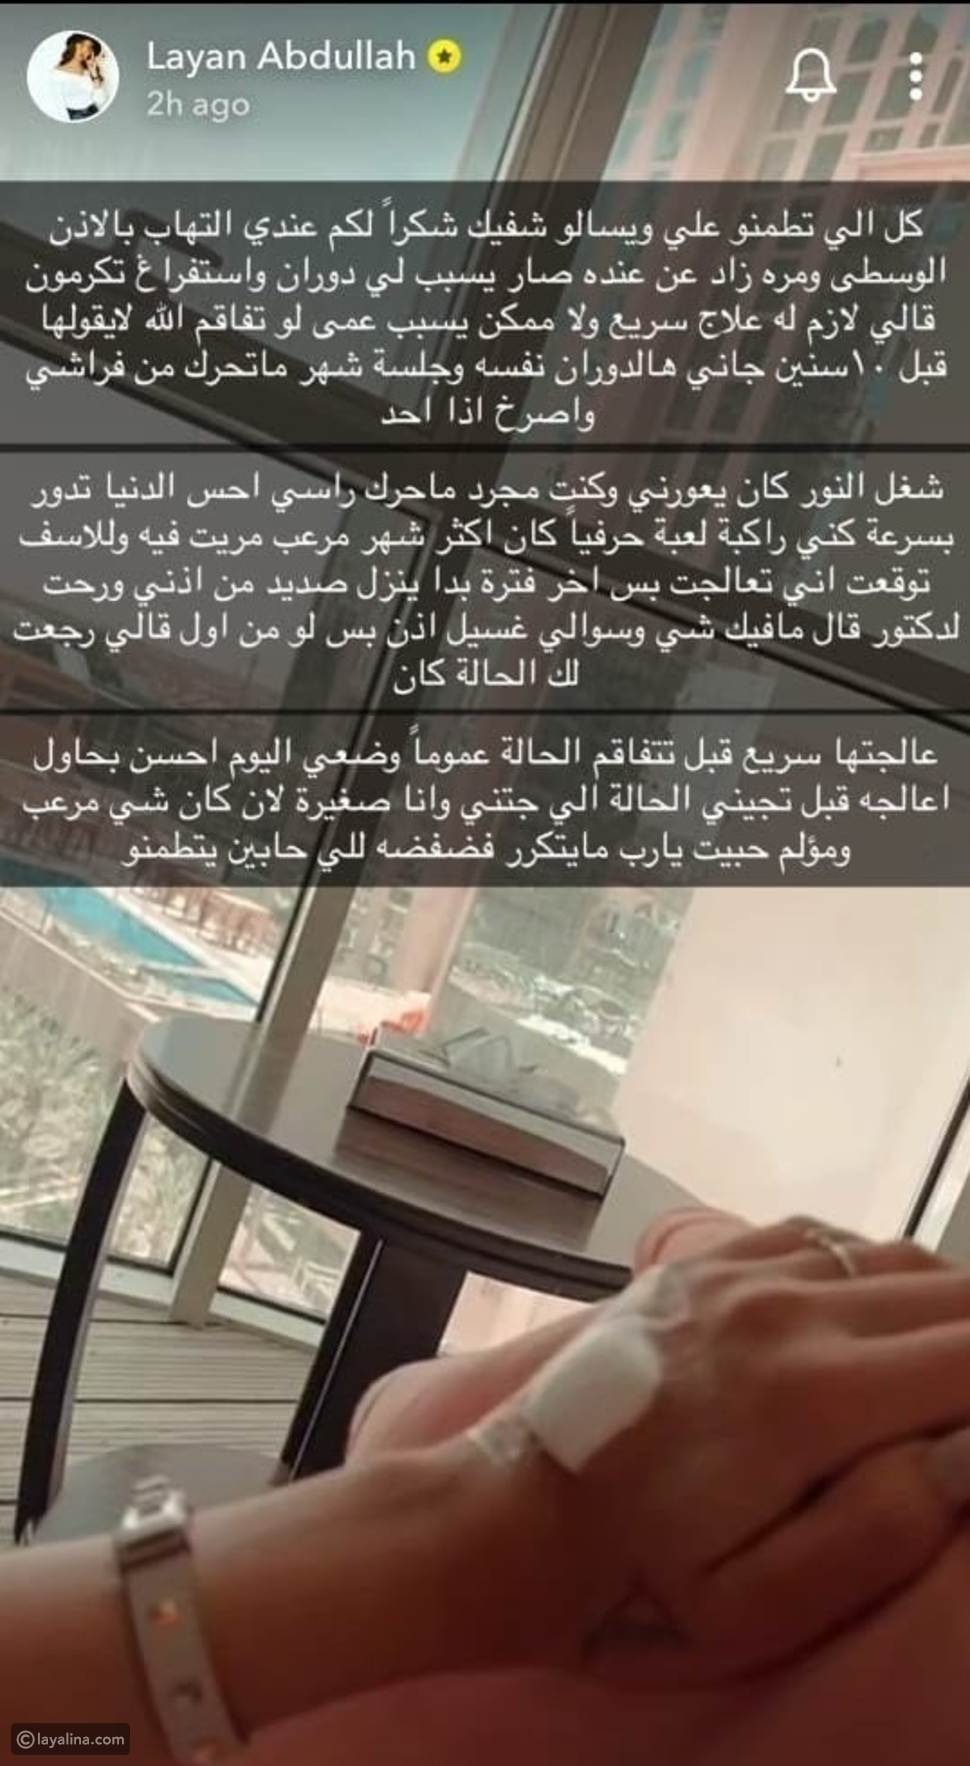 ليان عبد الله شقيقة مودل روز تكشف خطورة مرضها: قد يعرضها لفقدان البصر